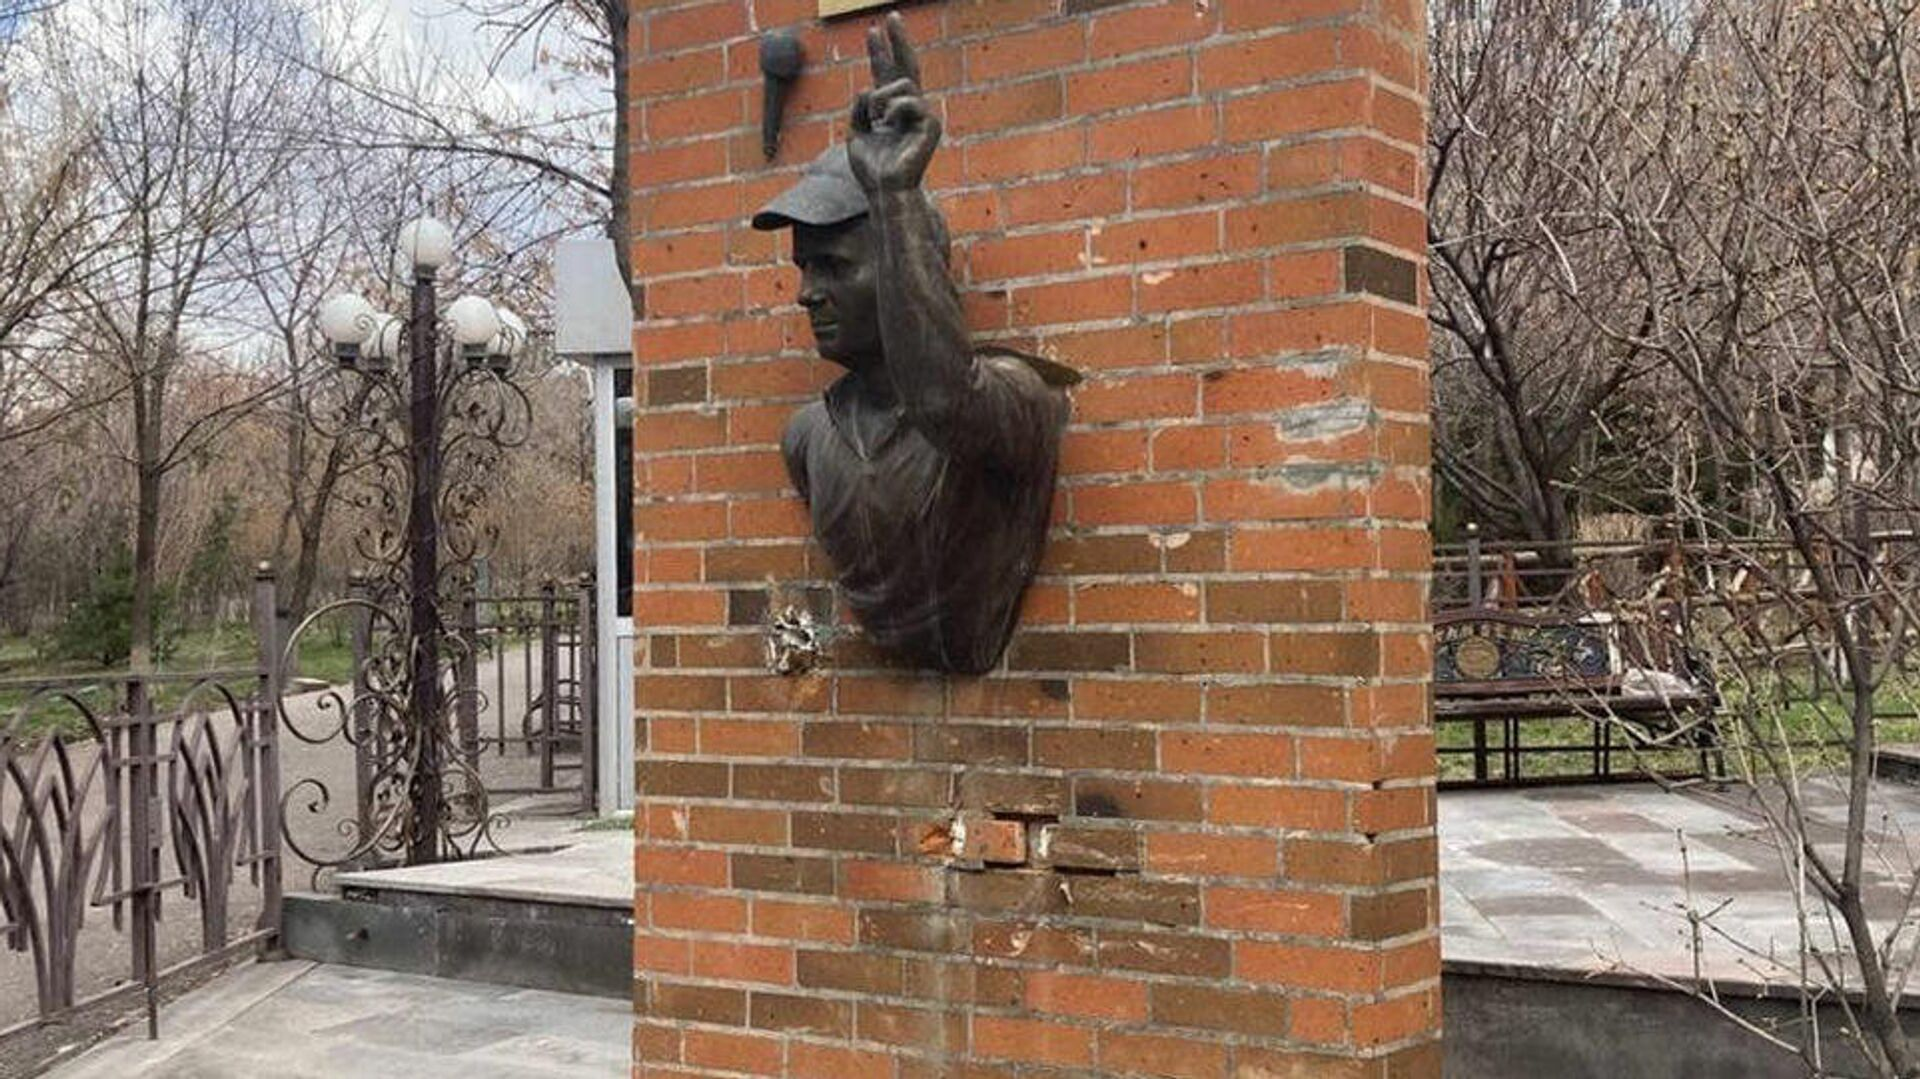 СК проверит данные об осквернении памятника псковским десантникам